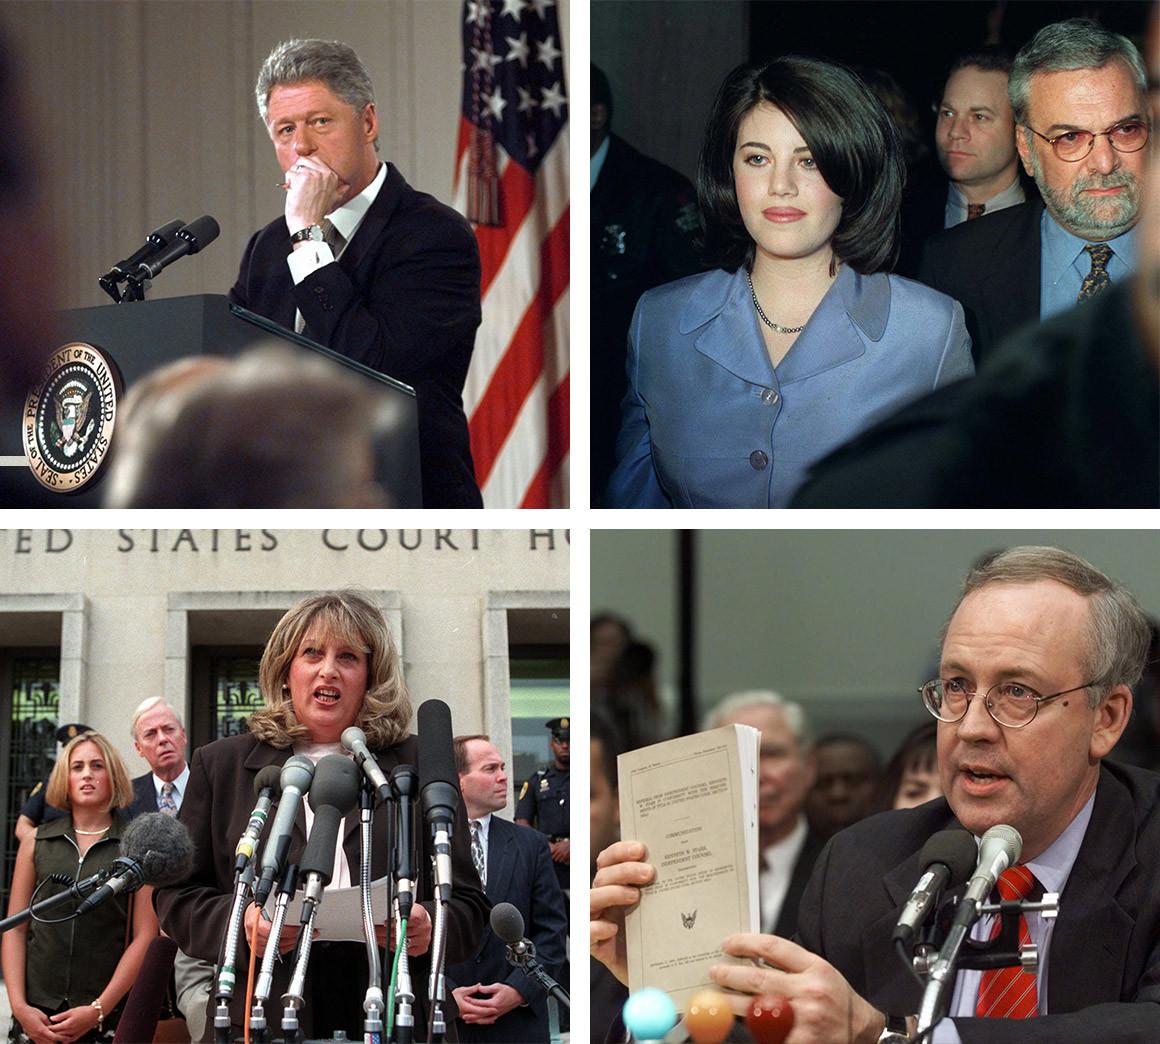 بیل کلینتون، رییس جمهور سابق ایالات متحده، در مستند جدید شبکه با عنوان «هیلاری» (Hillary) از رابطه نامشروع جنسی خود با مونیکا لوینسکی می گوید.